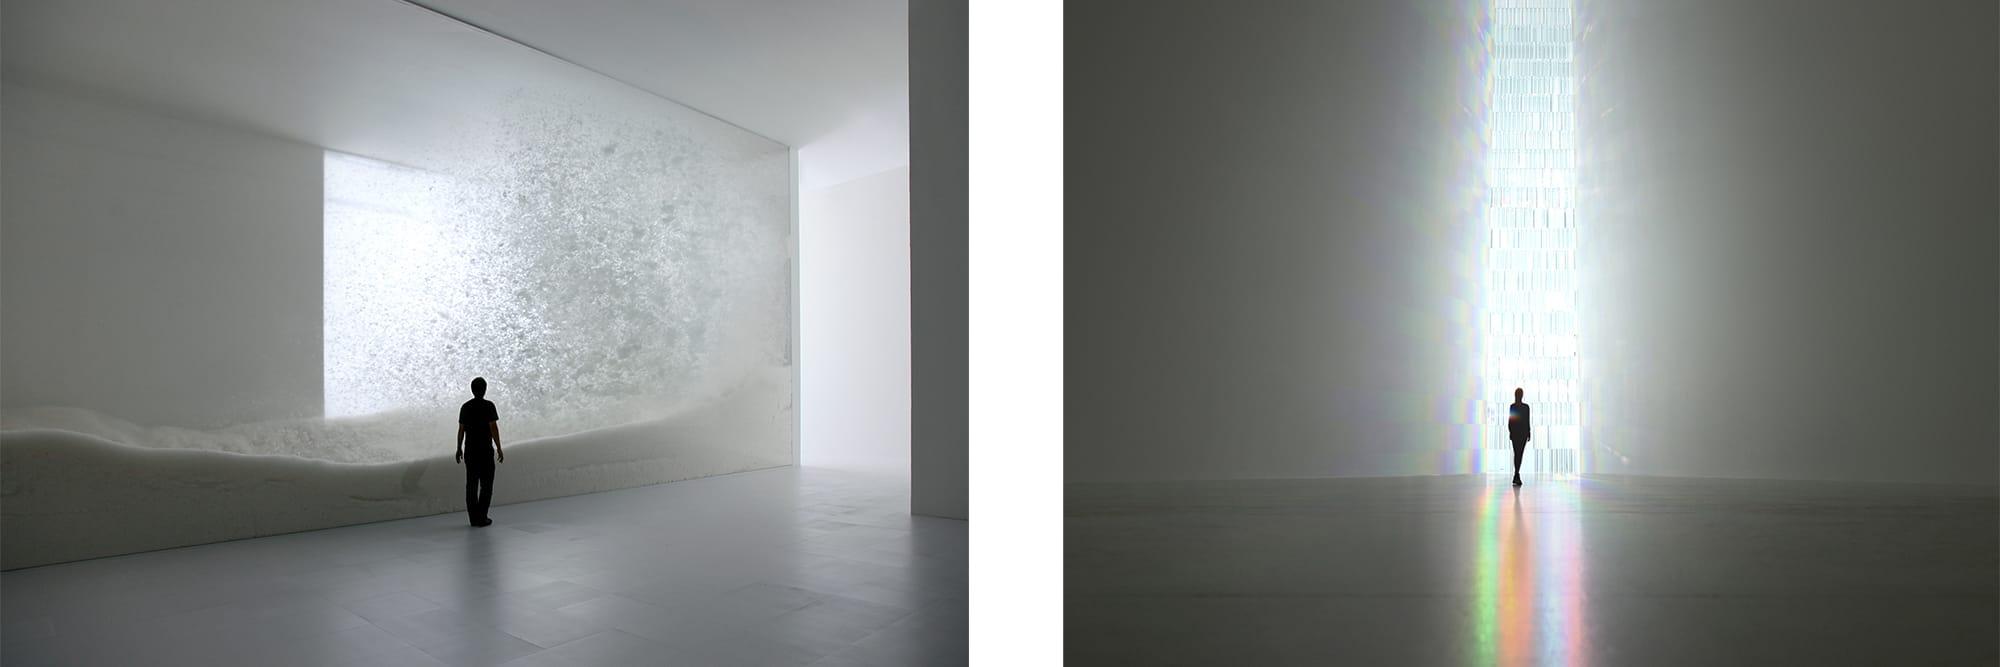 左:「snow」(2010) 宙を浮遊したのち、静かにランダムに舞い降りてくる雪を羽毛で表現した横約15mのダイナミックなインスタレーション。 右:「虹の教会」(2010・2013) 500個ものクリスタルプリズムを、微妙な角度をつけながら積み重ねた高さ12メートルものステンドグラス。自然の光を虹色に変化させる。